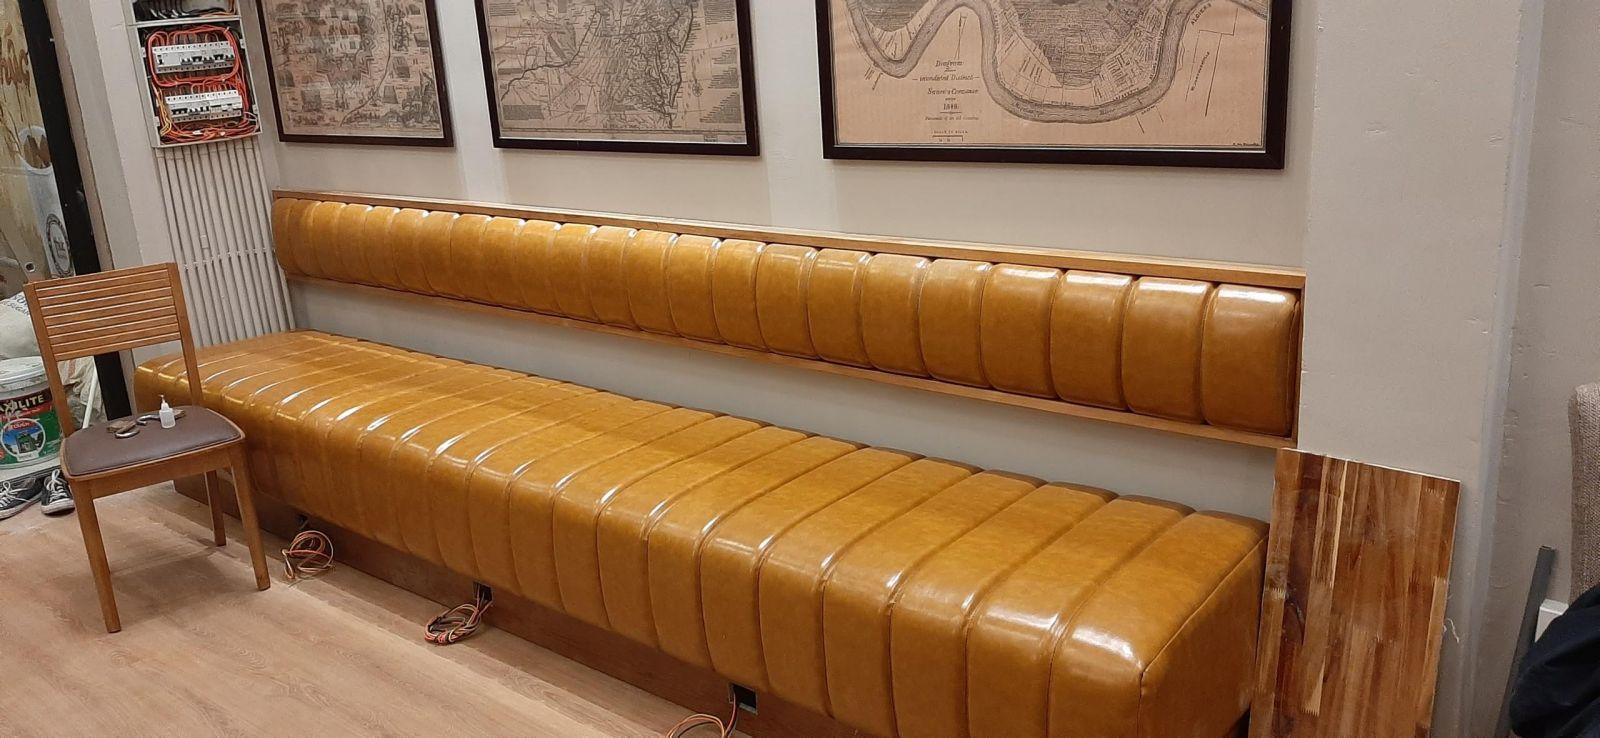 mẫu ghế sofa băng áp tường pcm thiết kế dành cho thức coffee